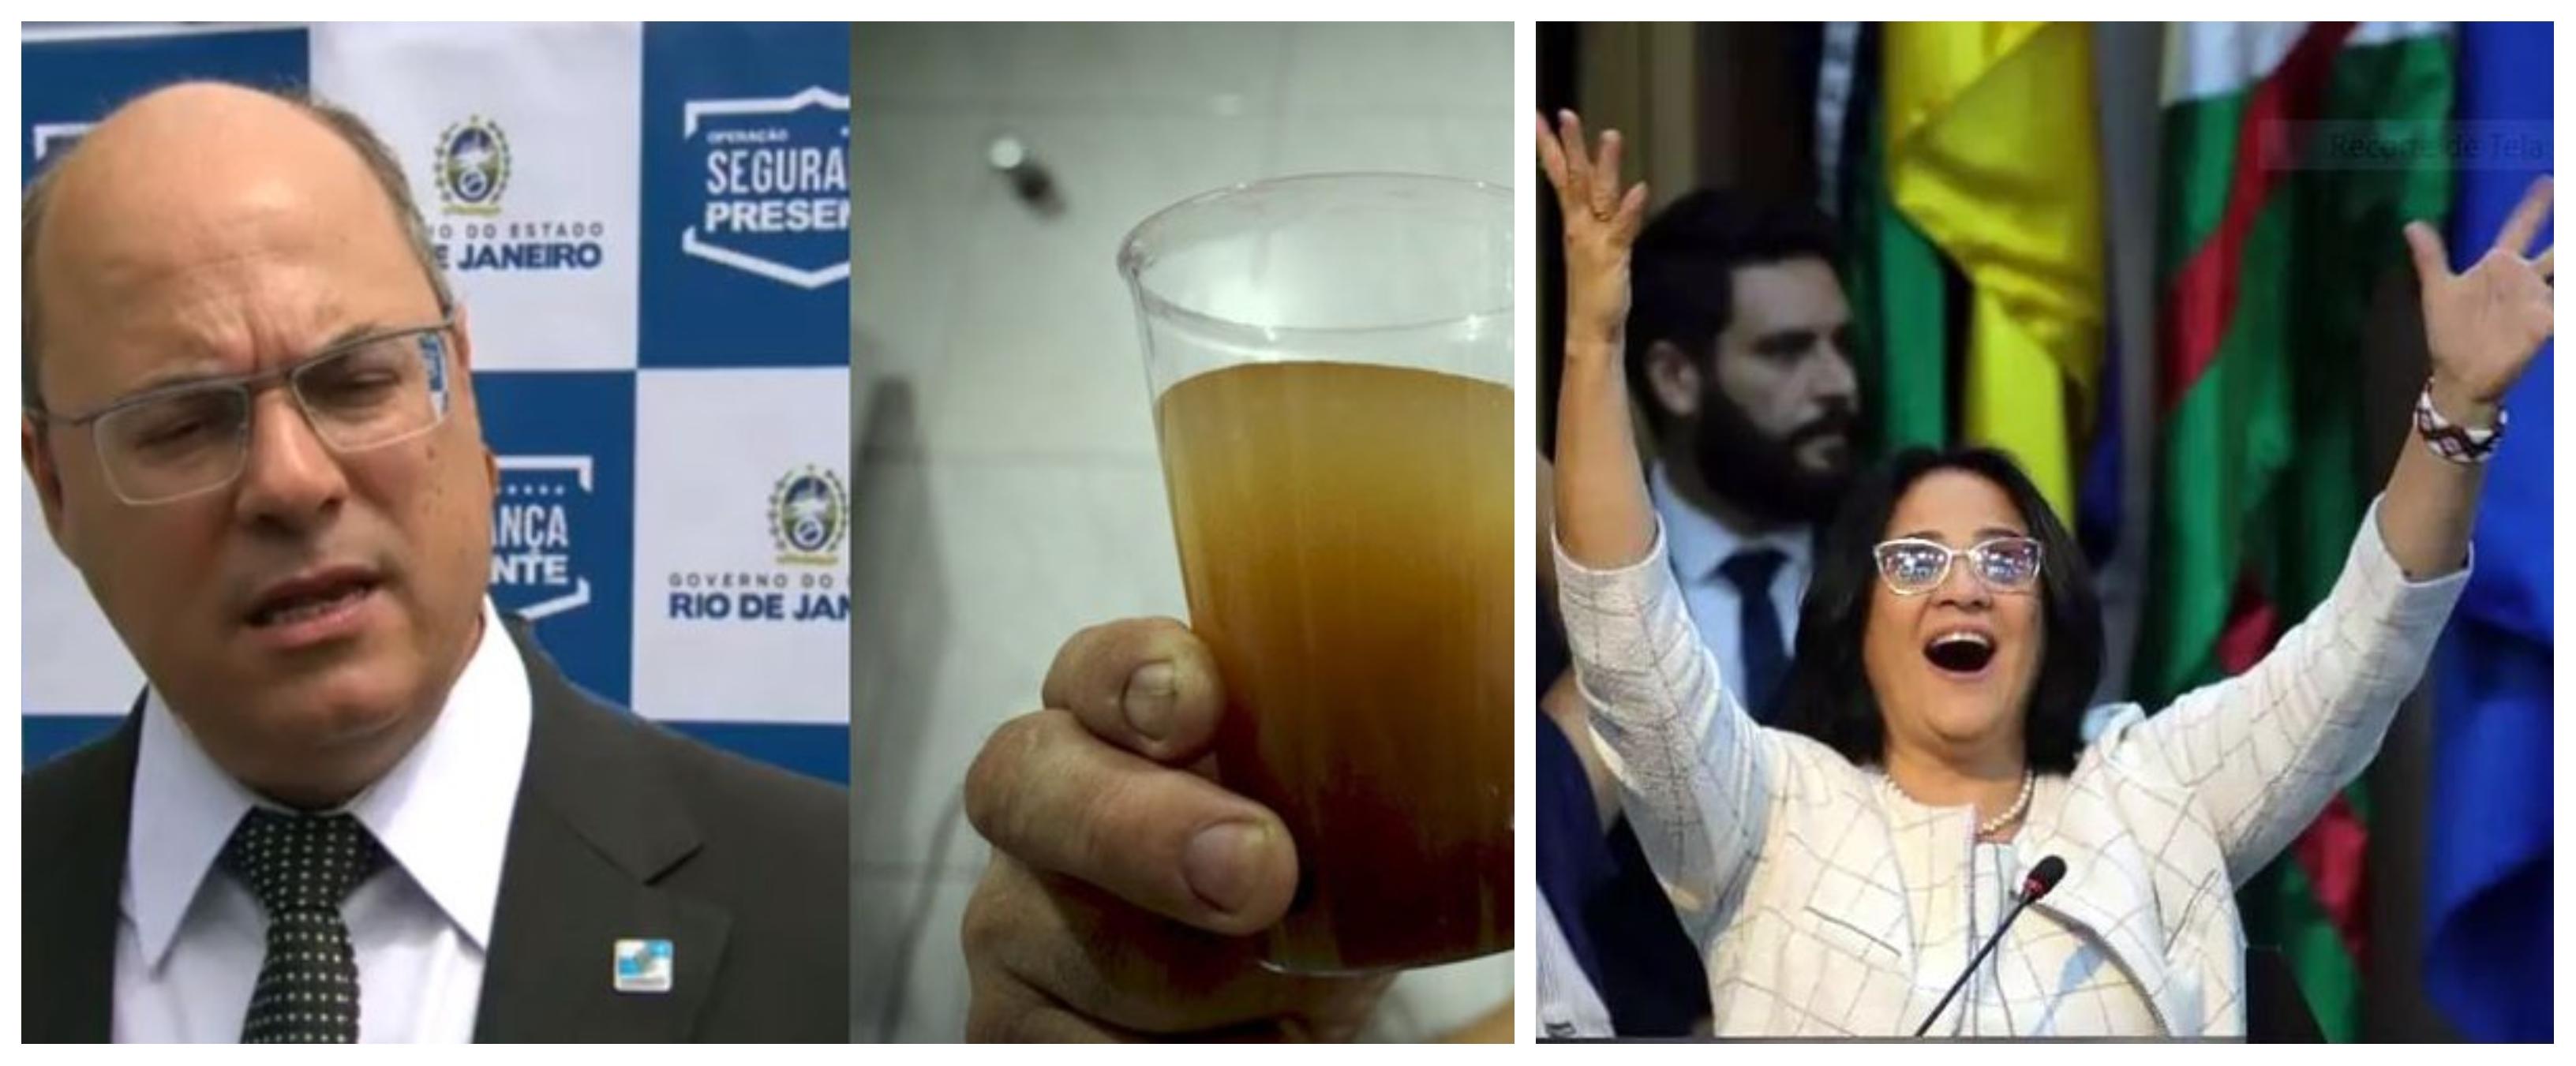 Paulo Capel: Rio vive um apagão sanitário, é muito mais que água repugnante